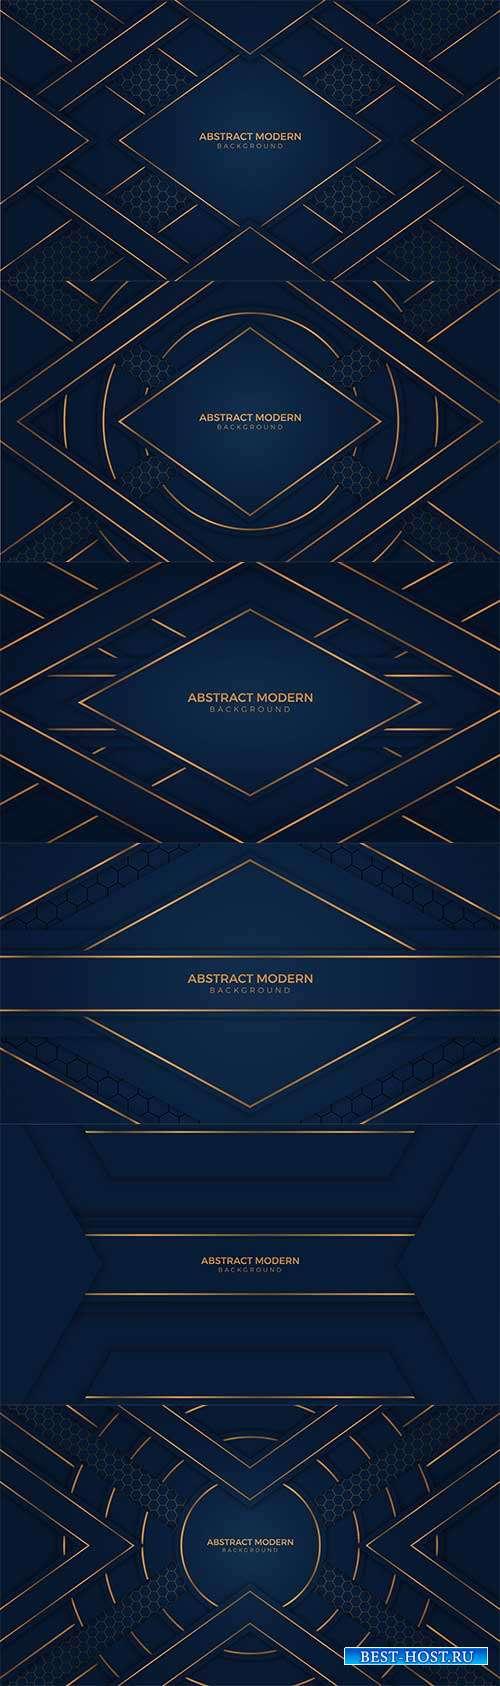 Синие фоны с золотыми линиями - Векторный клипарт